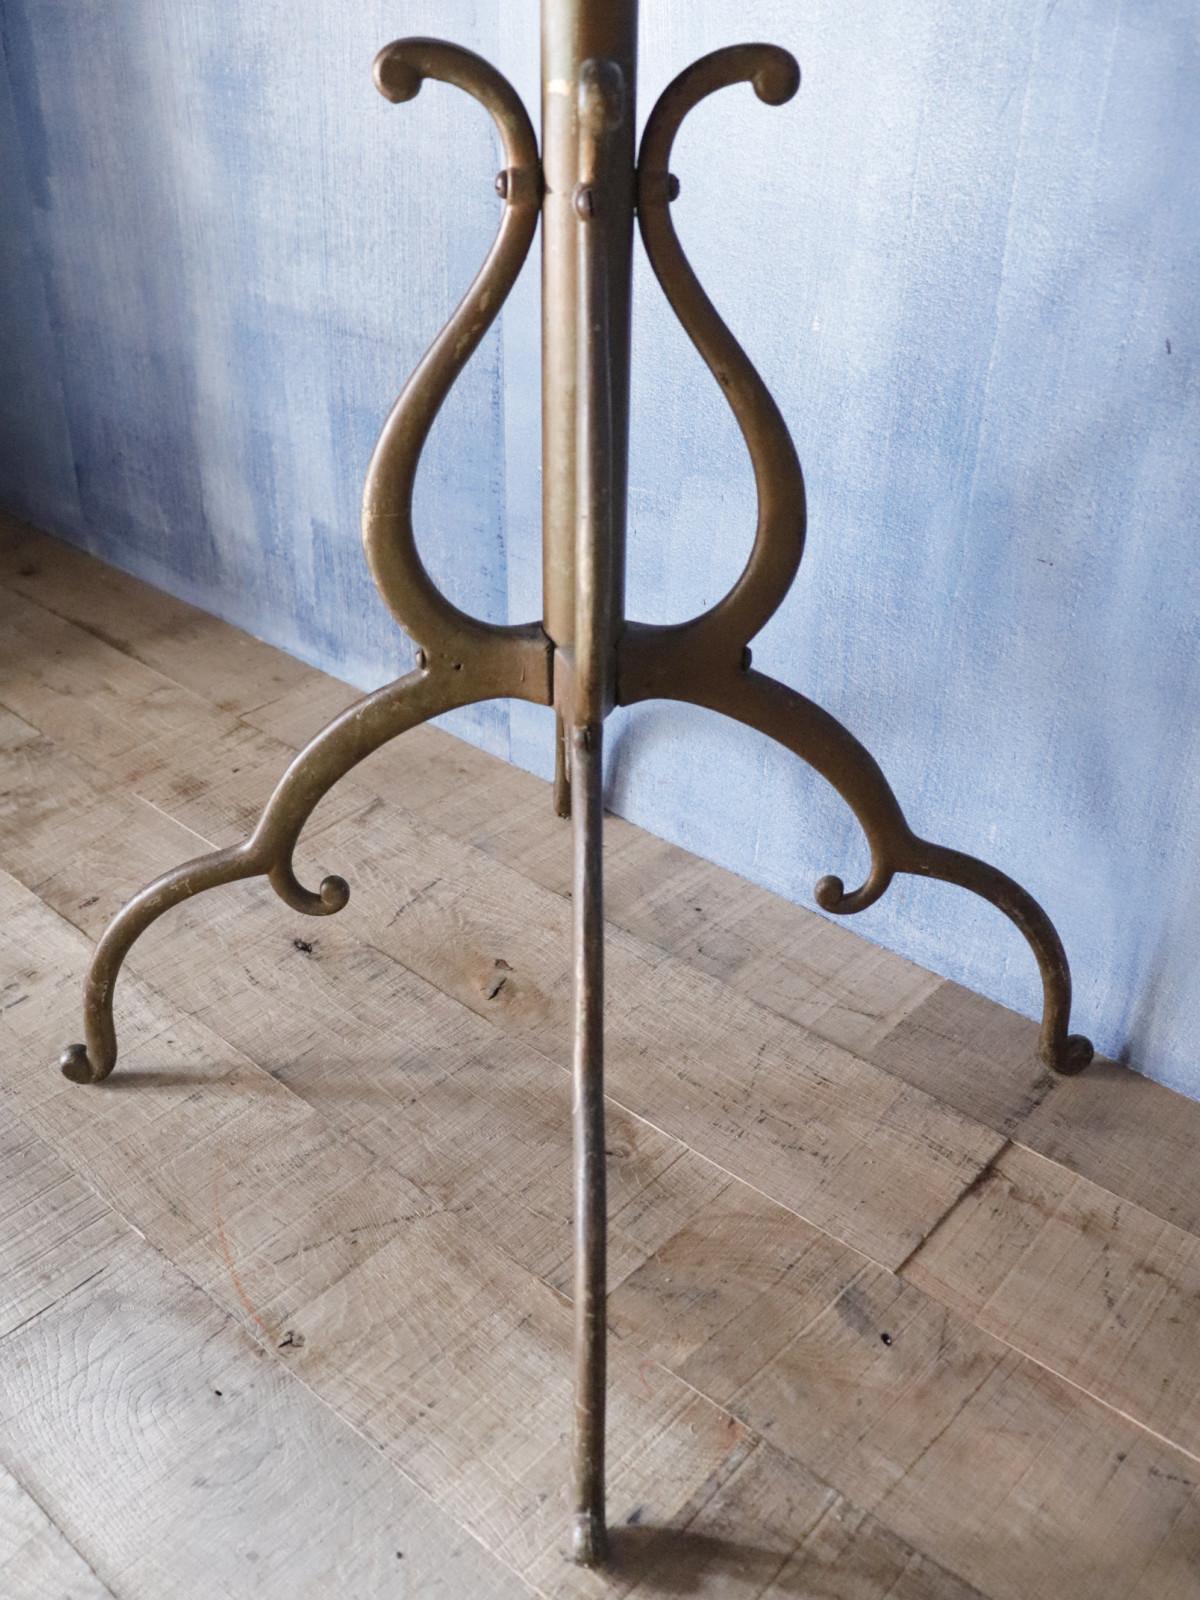 metal, coat hanger rack, USA